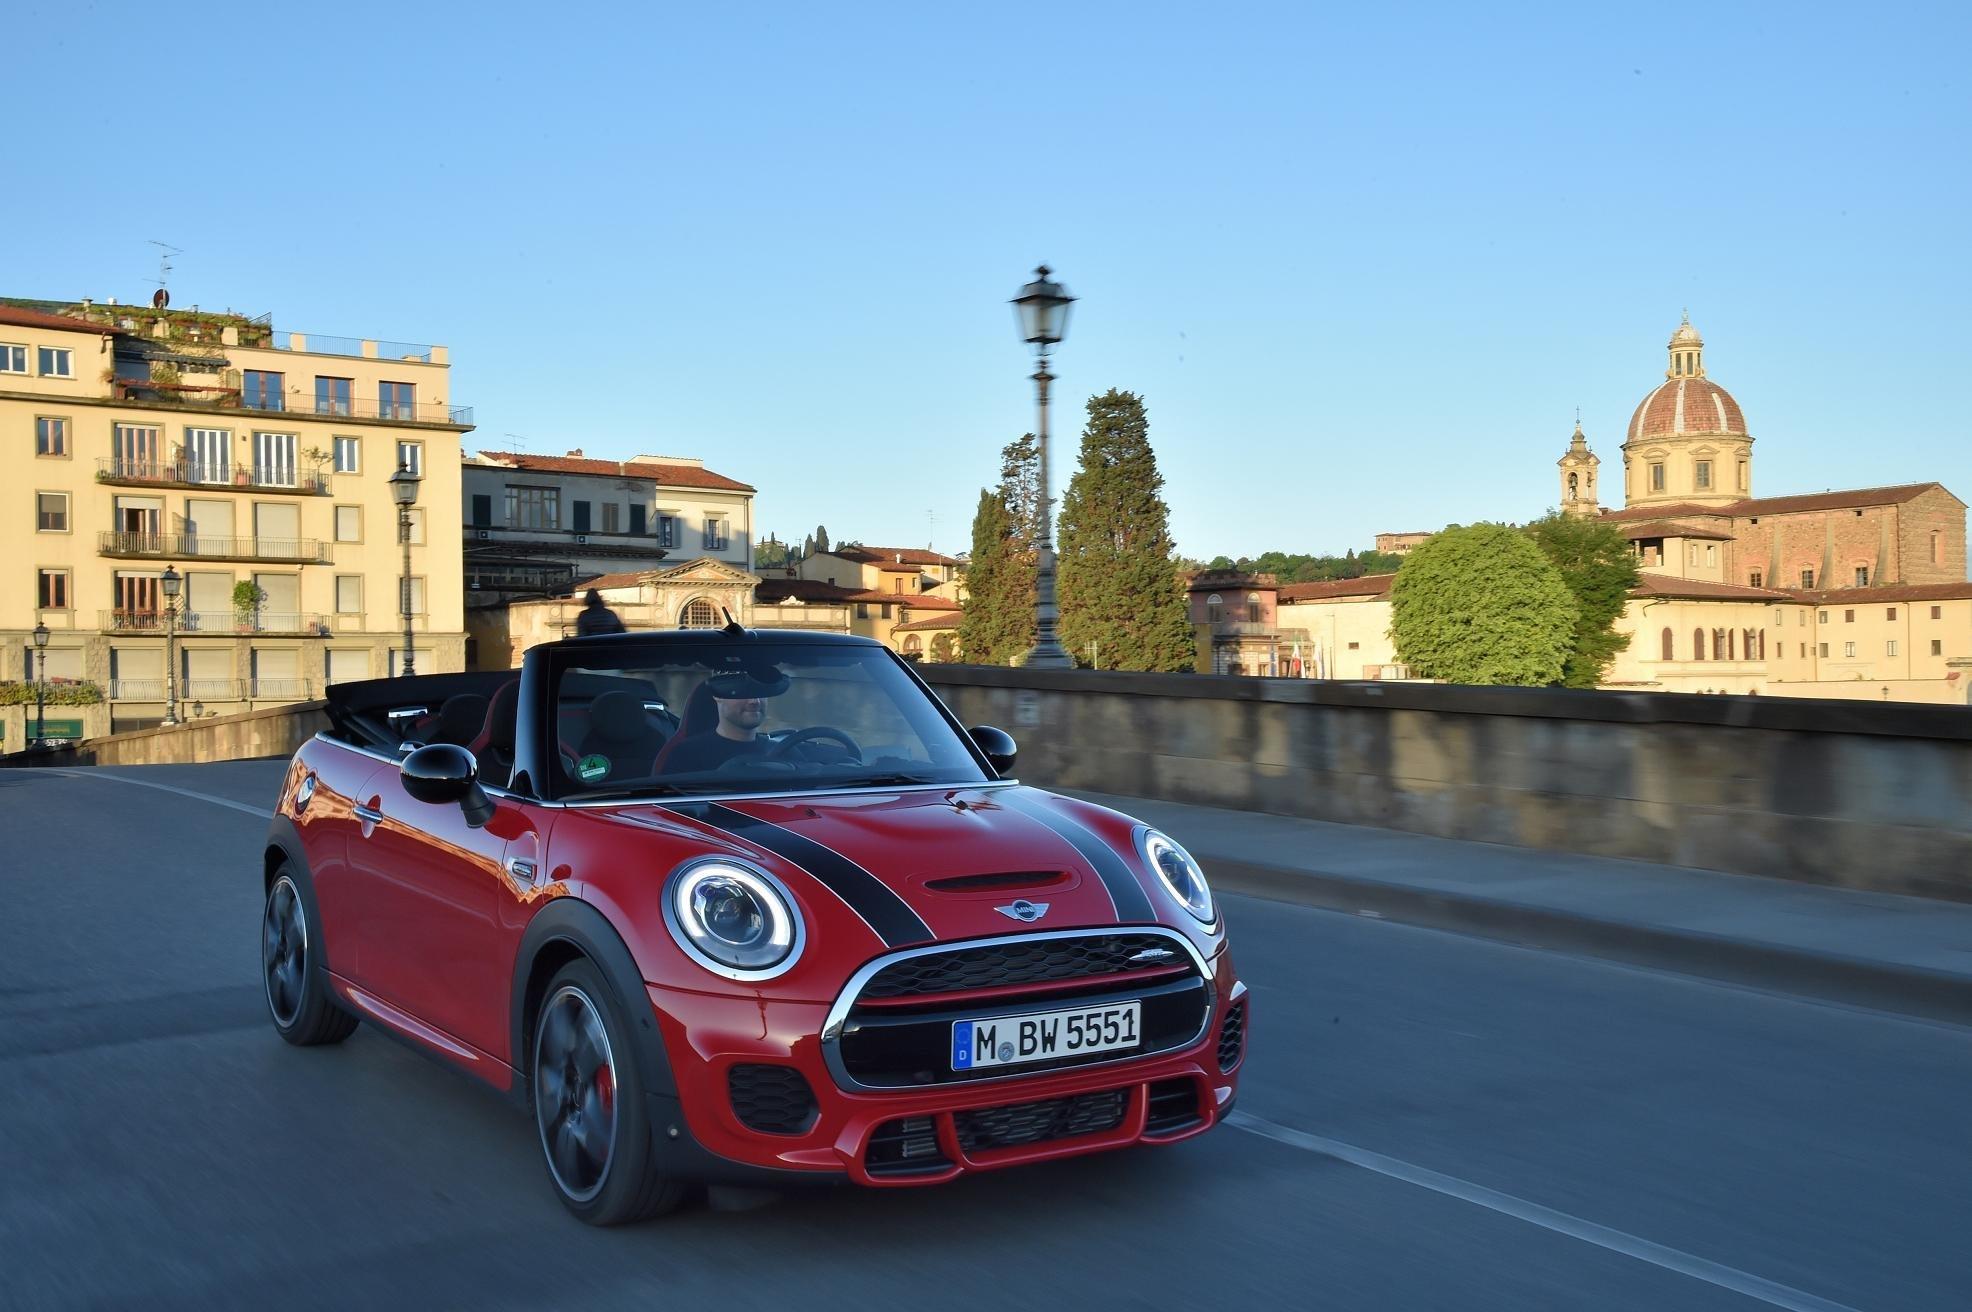 El Nuevo Mini John Cooper Works Cabrio Llega A España Motor La